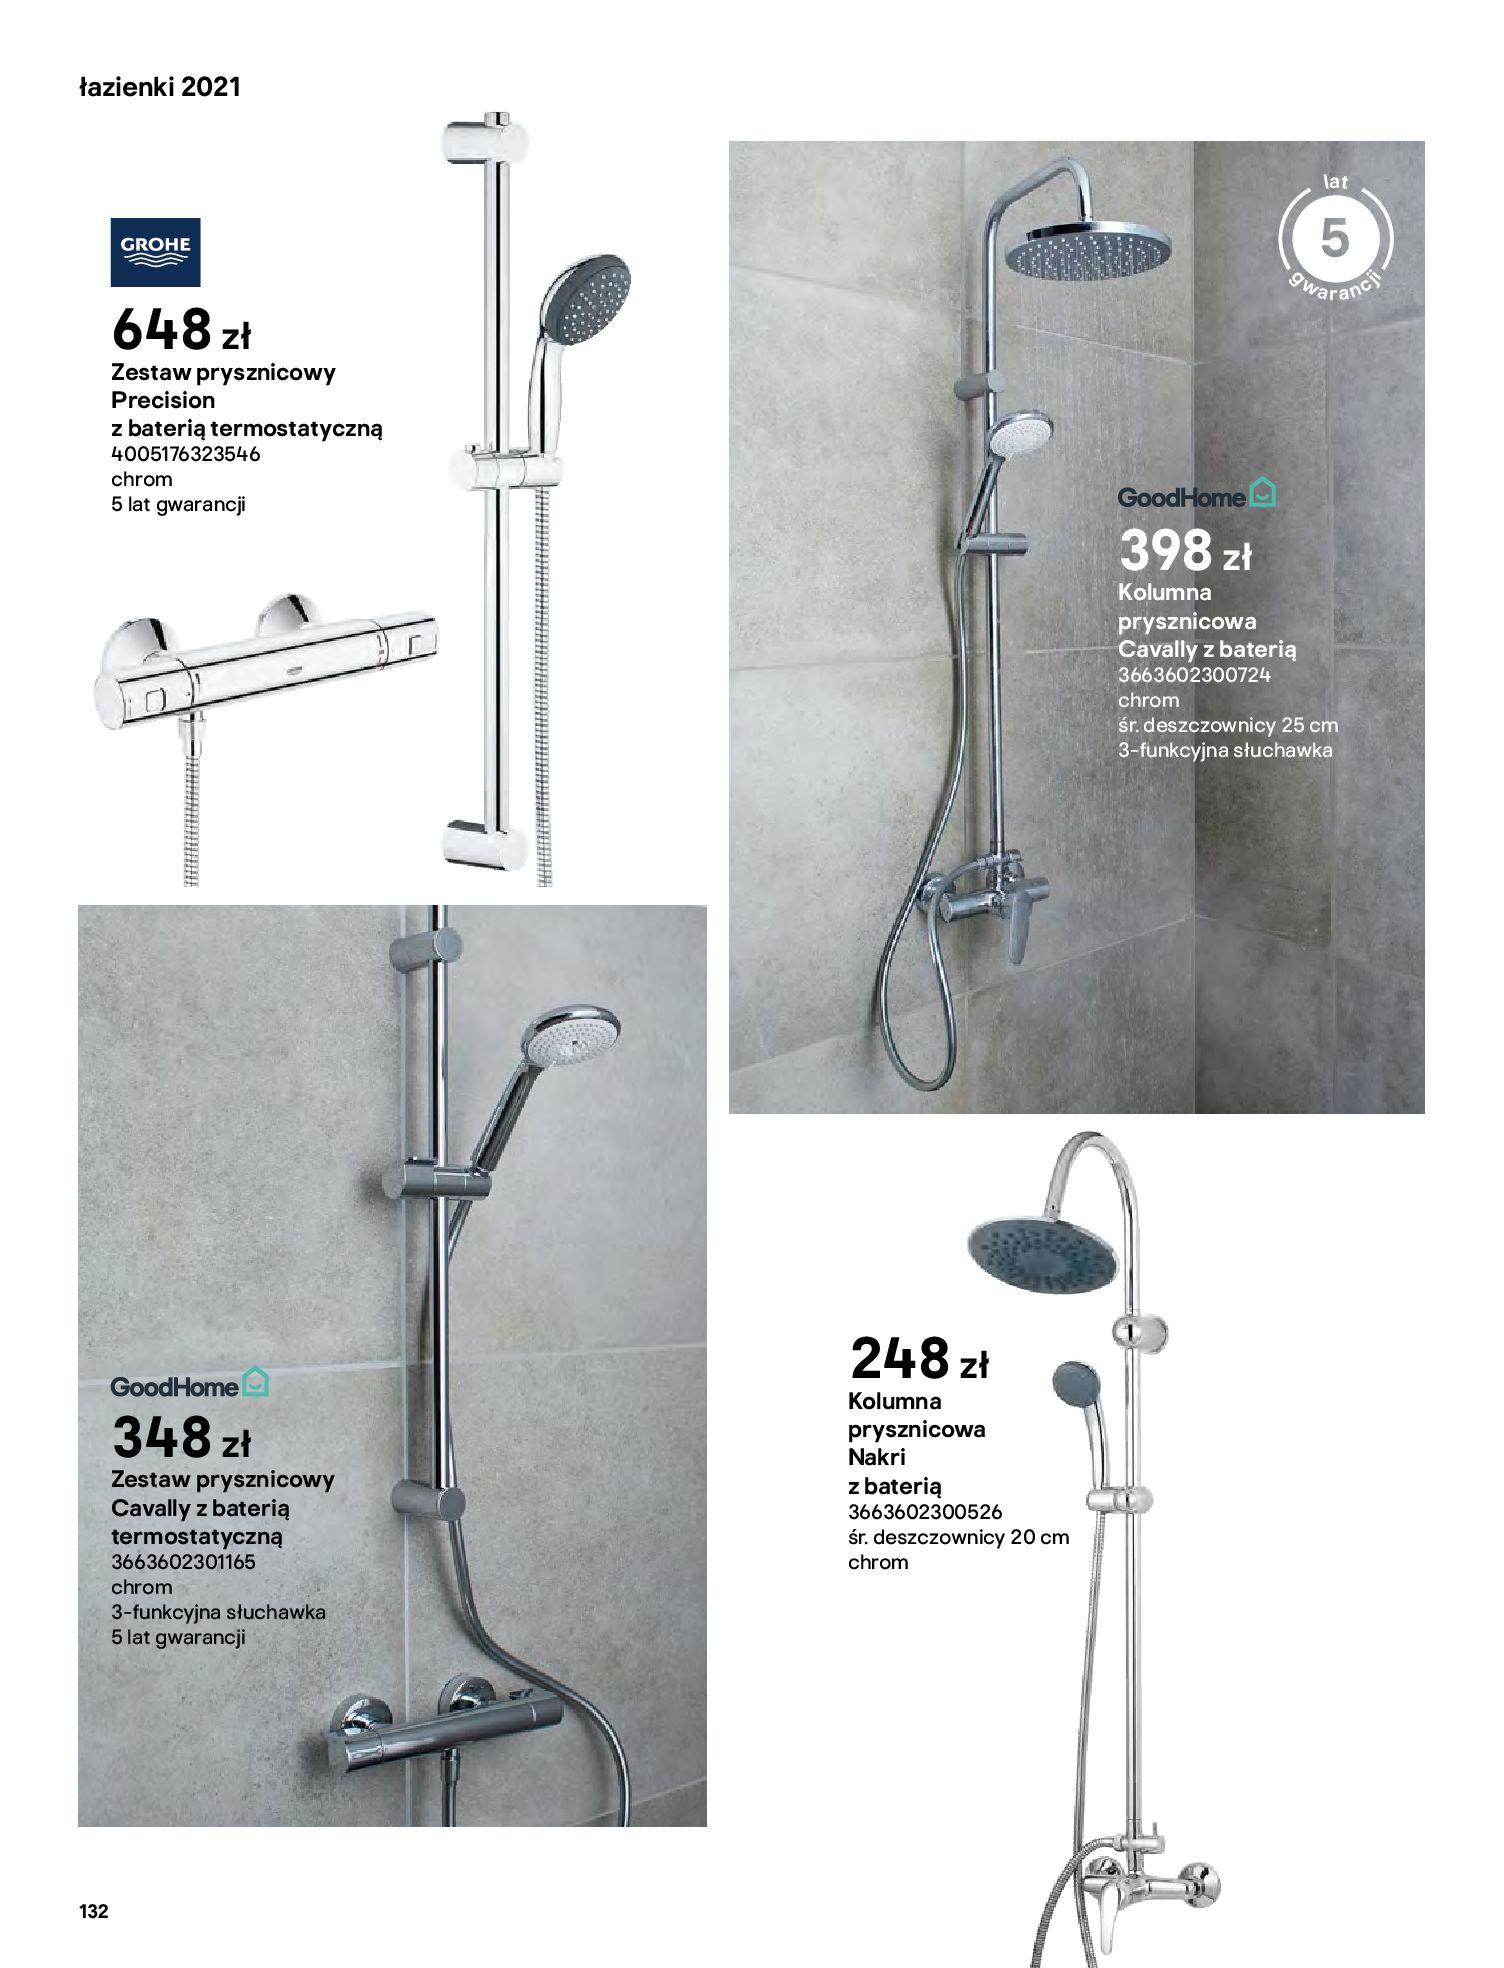 Gazetka Castorama: Gazetka Castorama - katalog łazienki 2021 2021-06-16 page-132